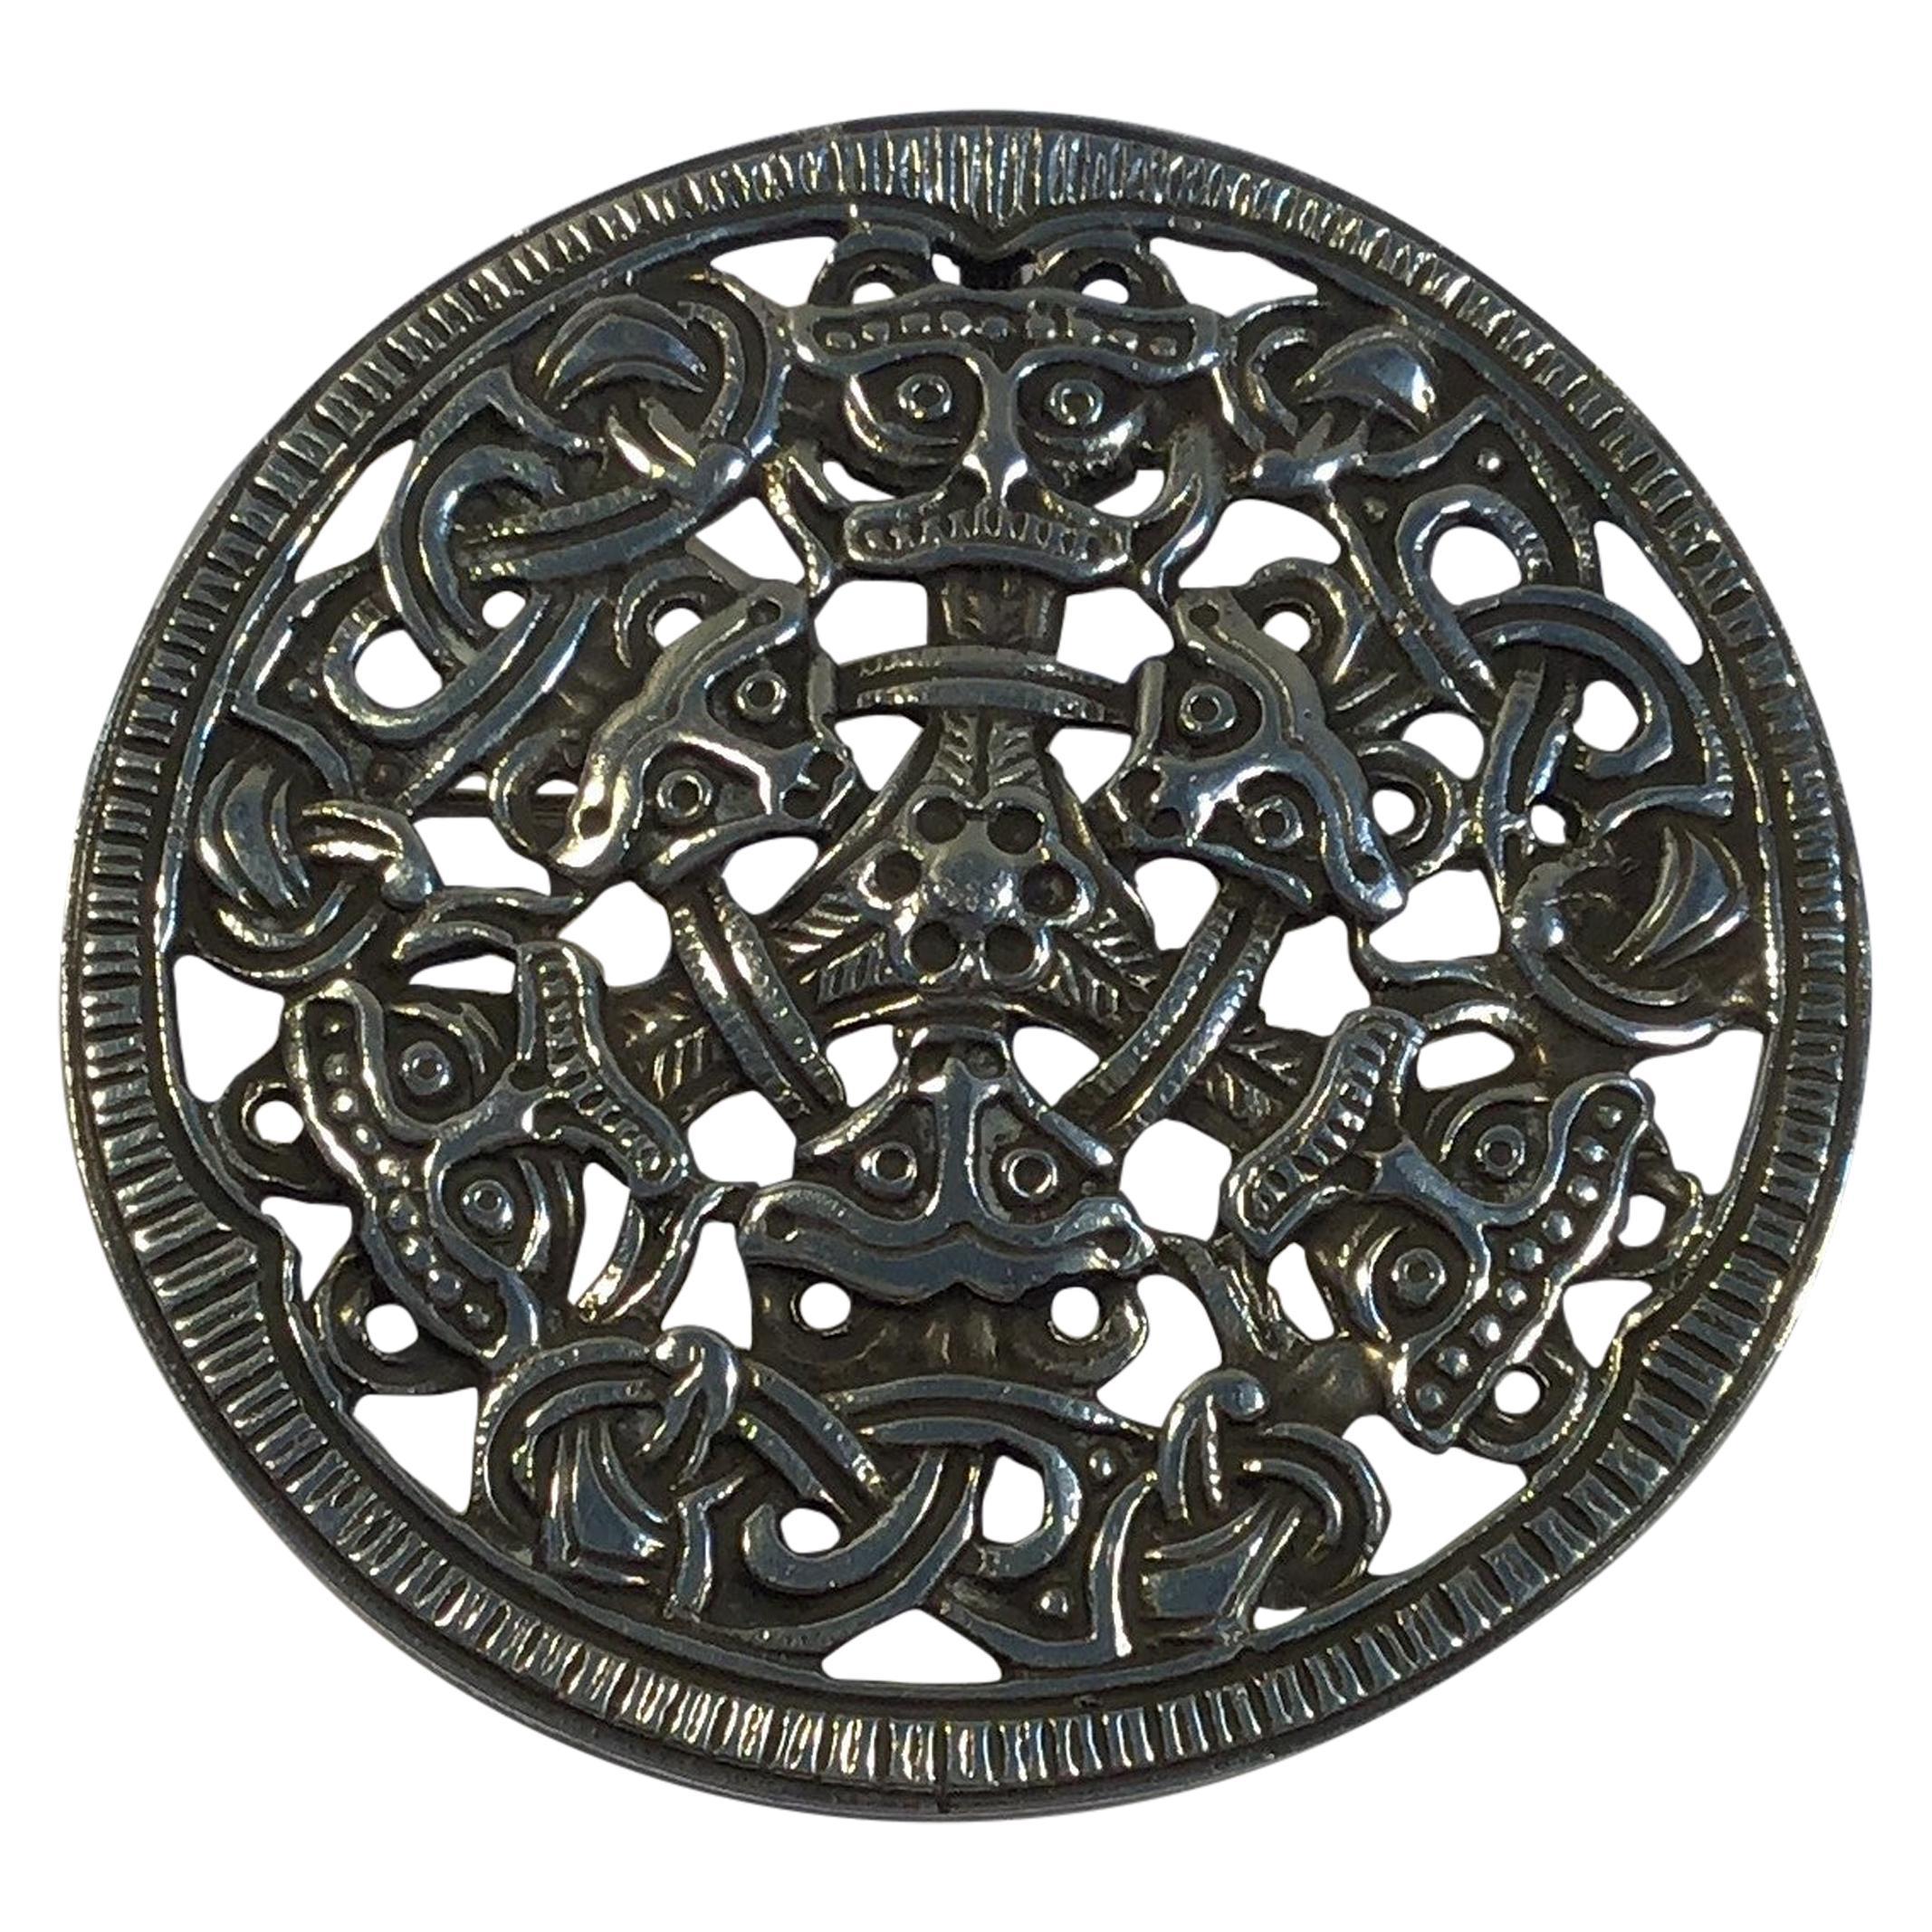 David Andersen Sterling Silver Viking Brooch